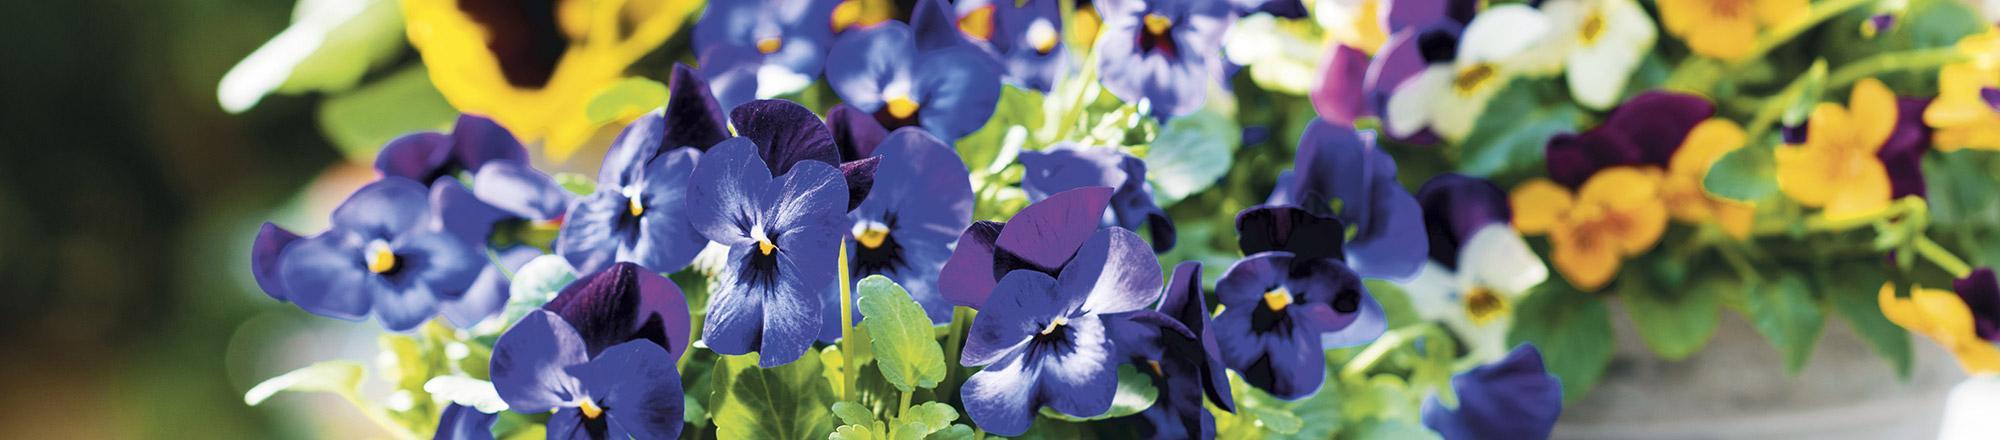 Alle soorten viooltjes op een rij